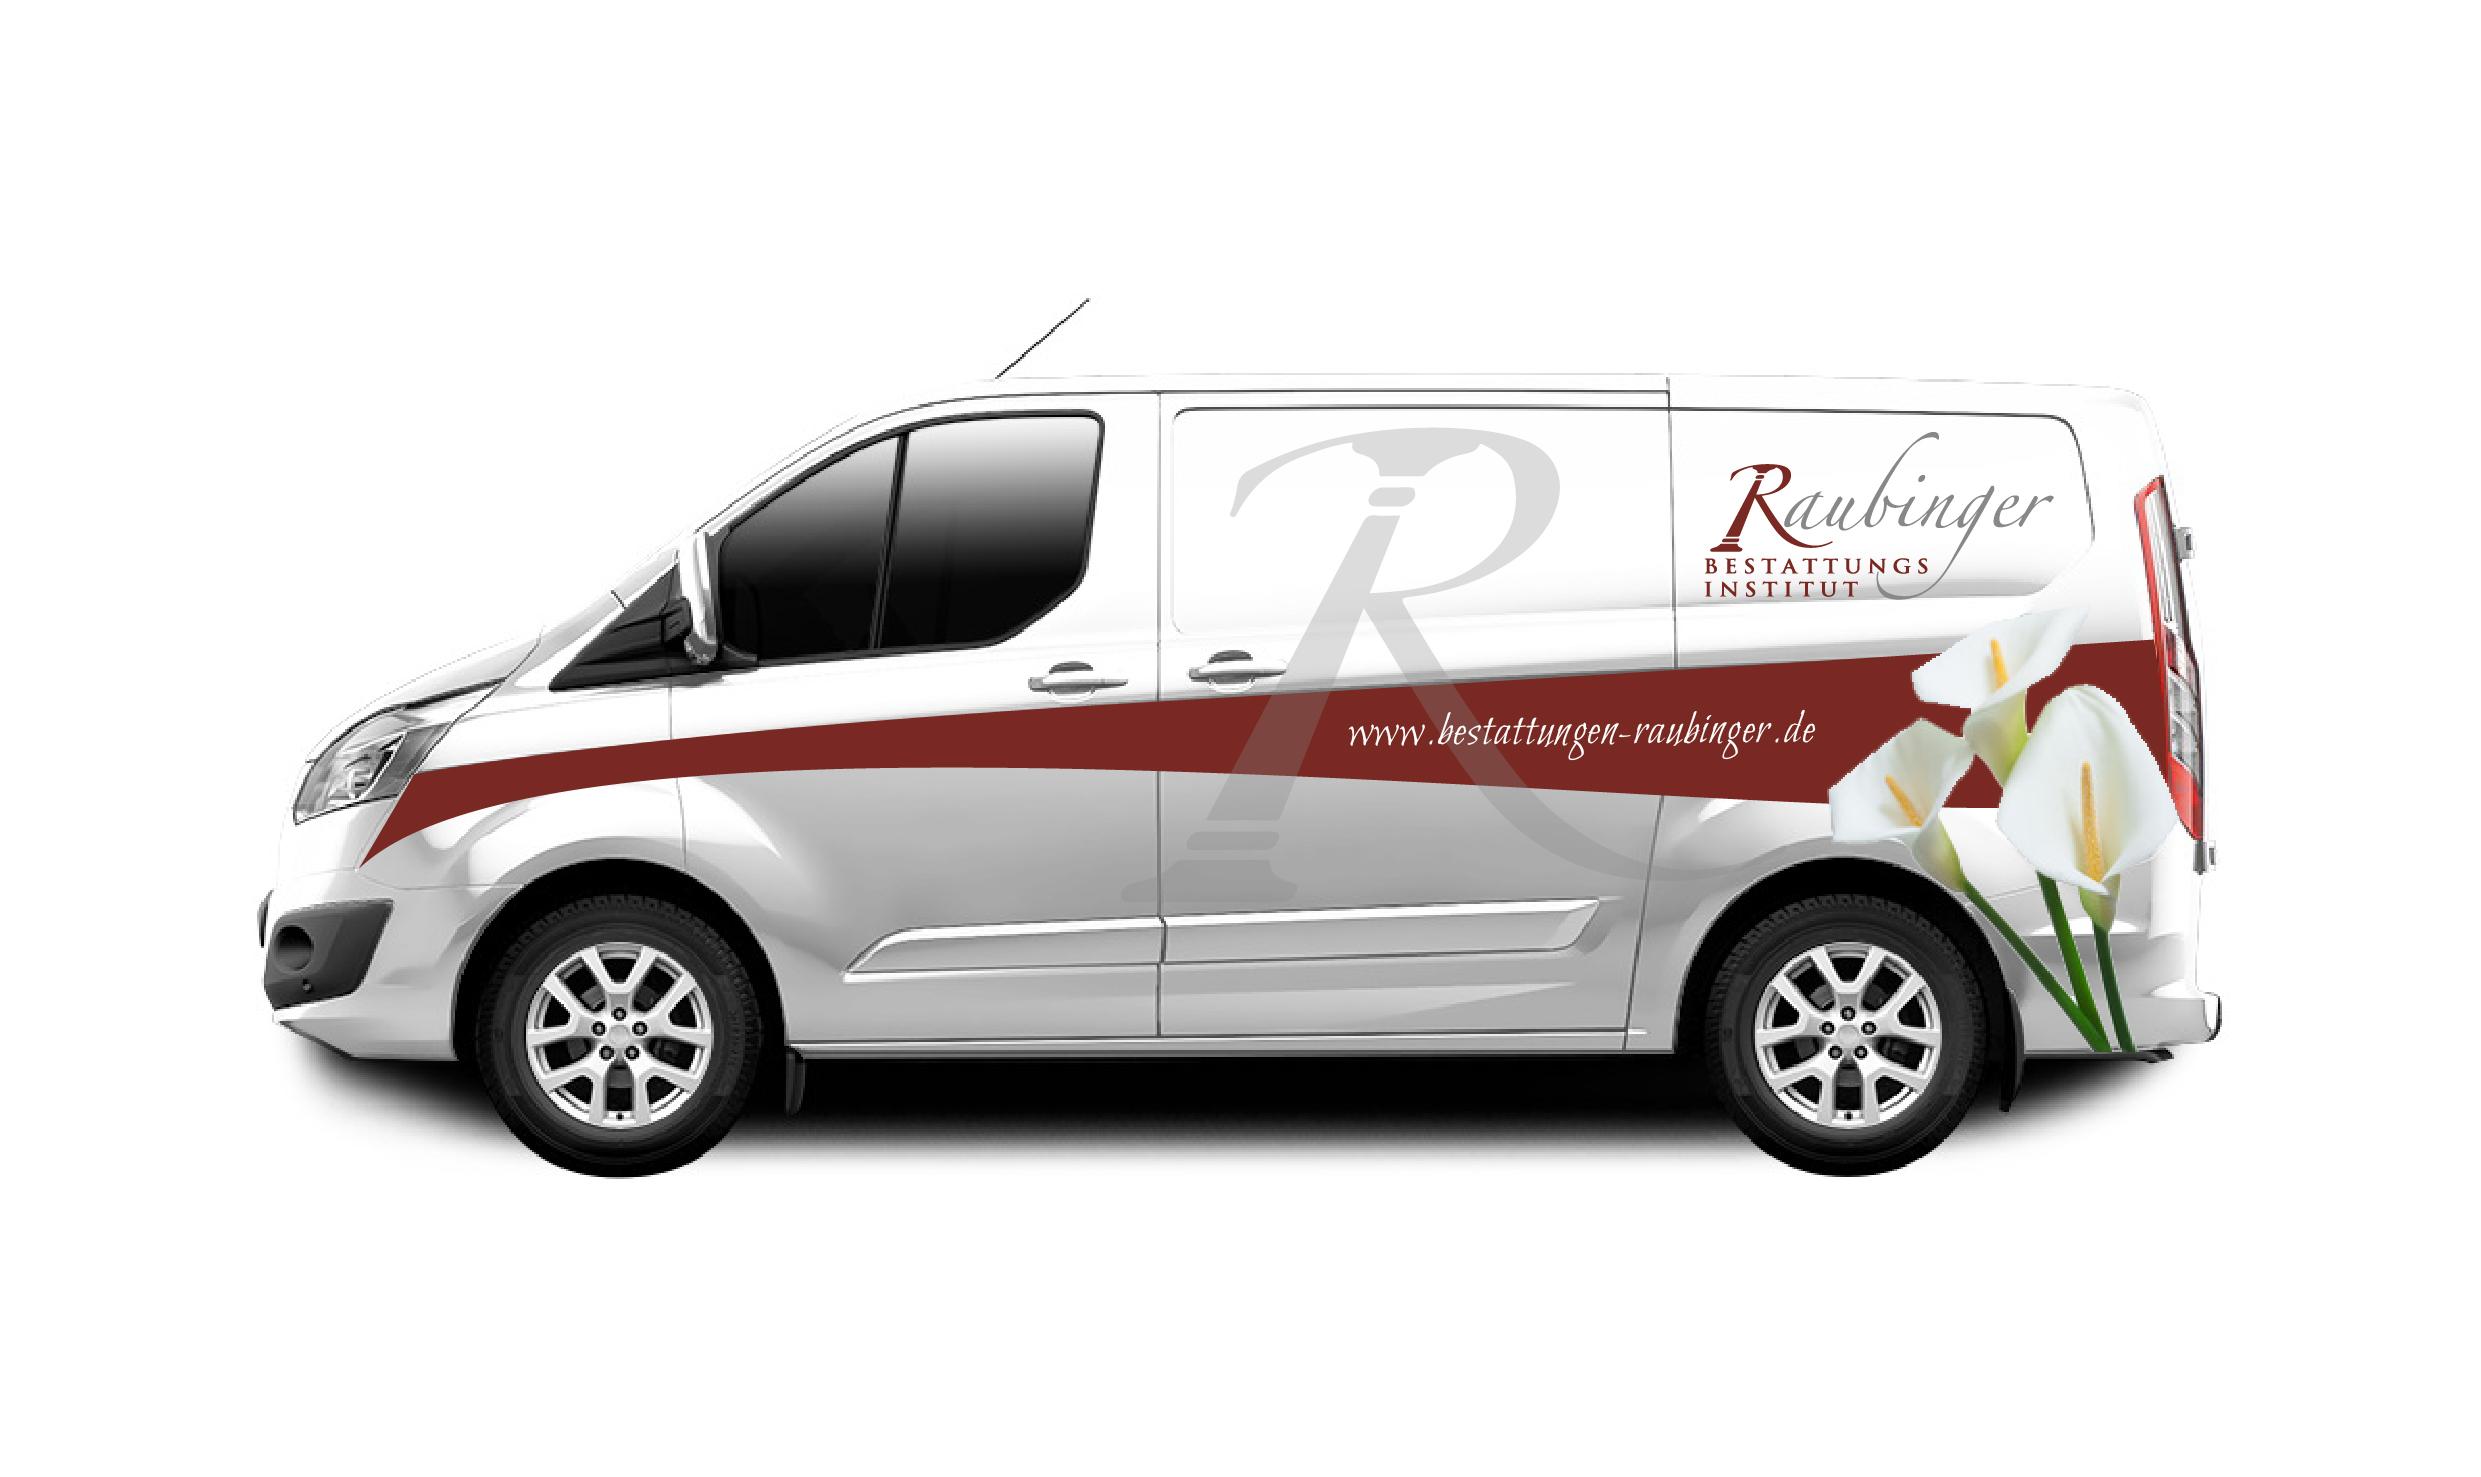 Bestattungen Raubinger_Fahrzeuggestaltung-03_Calla